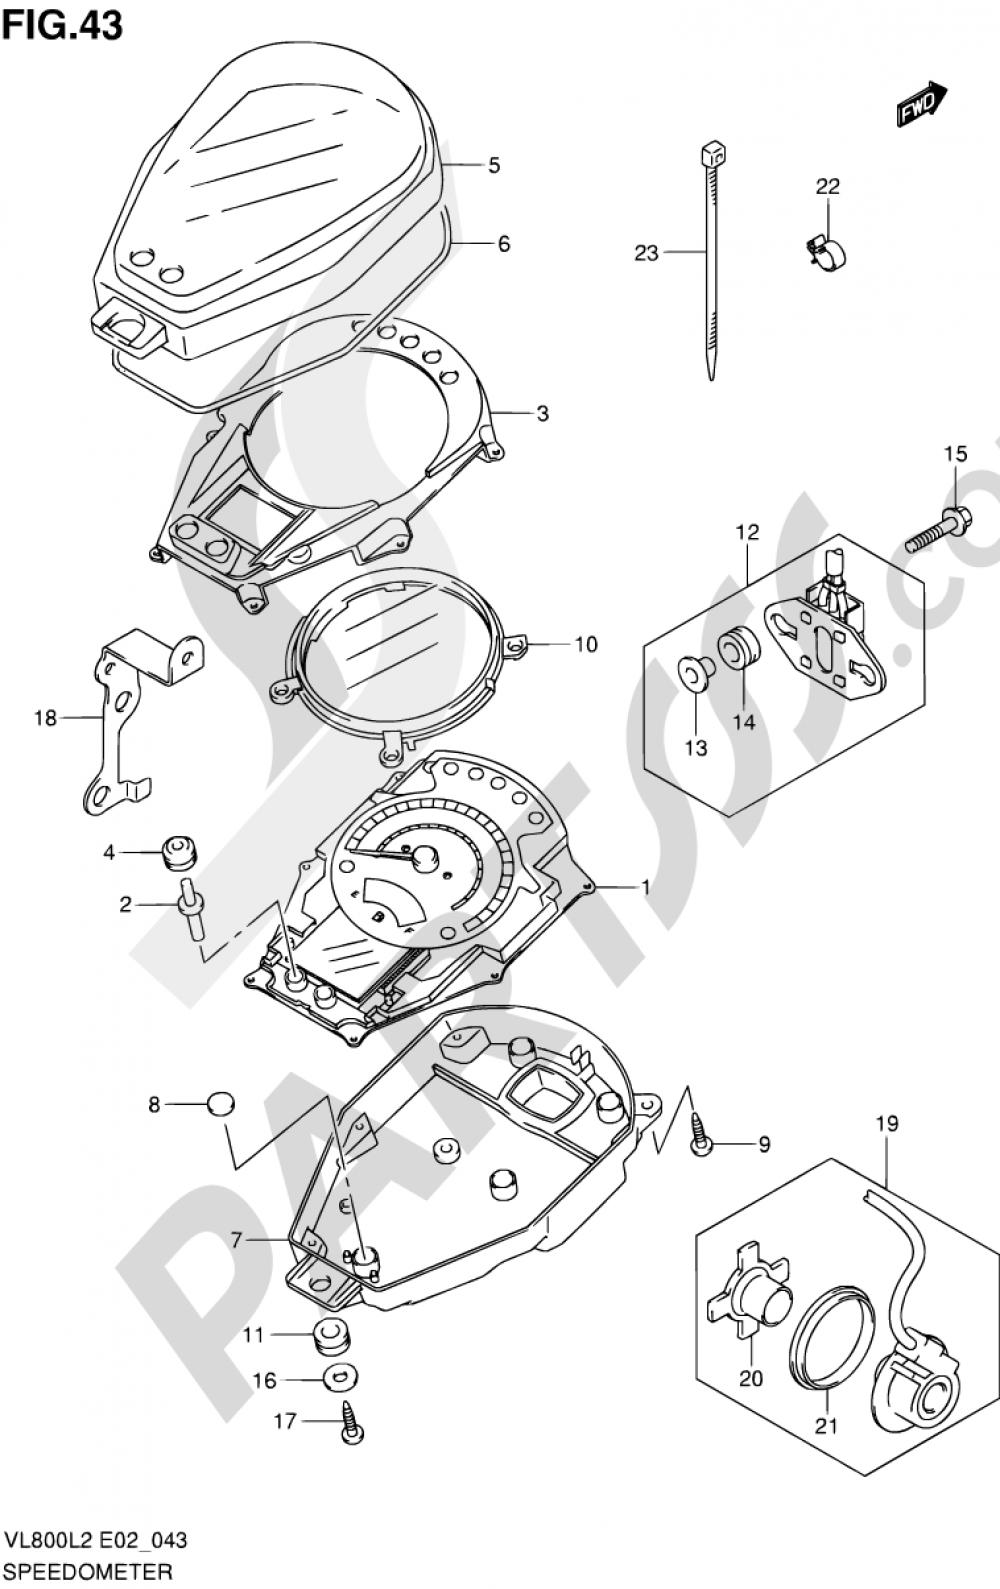 43 - SPEEDOMETER (VL800CL2 E24) Suzuki INTRUDER VL800C 2012